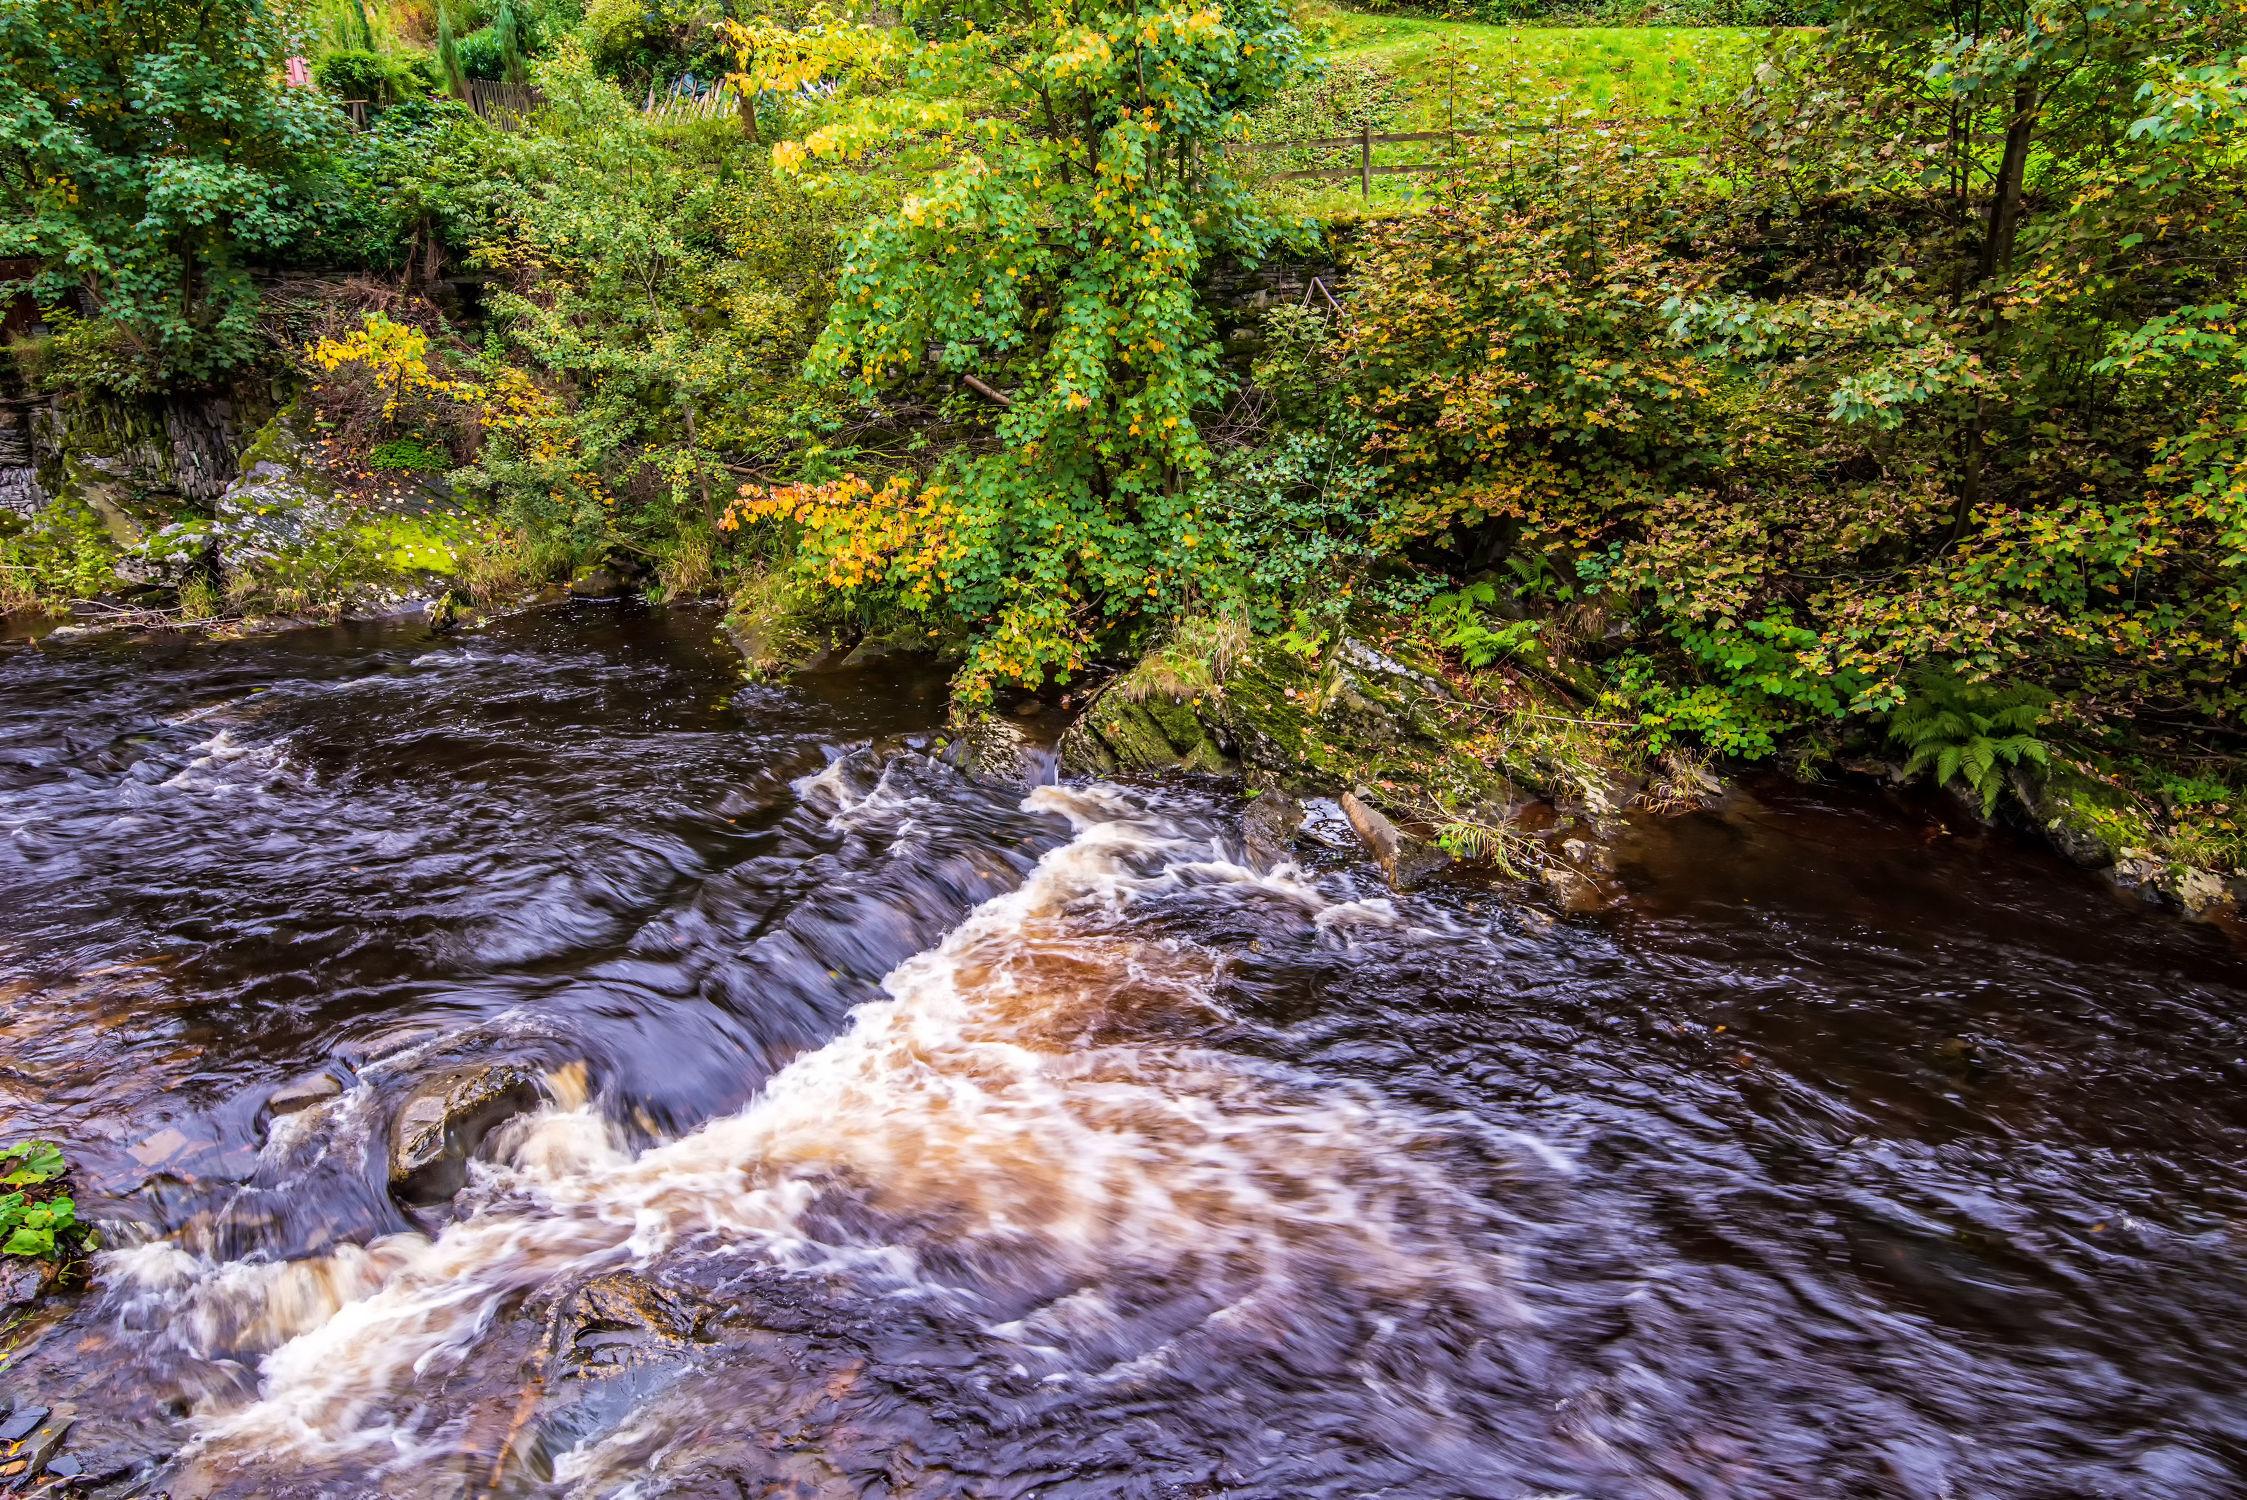 Bild mit Natur, Wasser, Landschaften, Gewässer, Entspannung, Natur und Landschaft, Erholung, Fluss, grüne Lunge, Eifel, Saarburg, Landkreis Trier